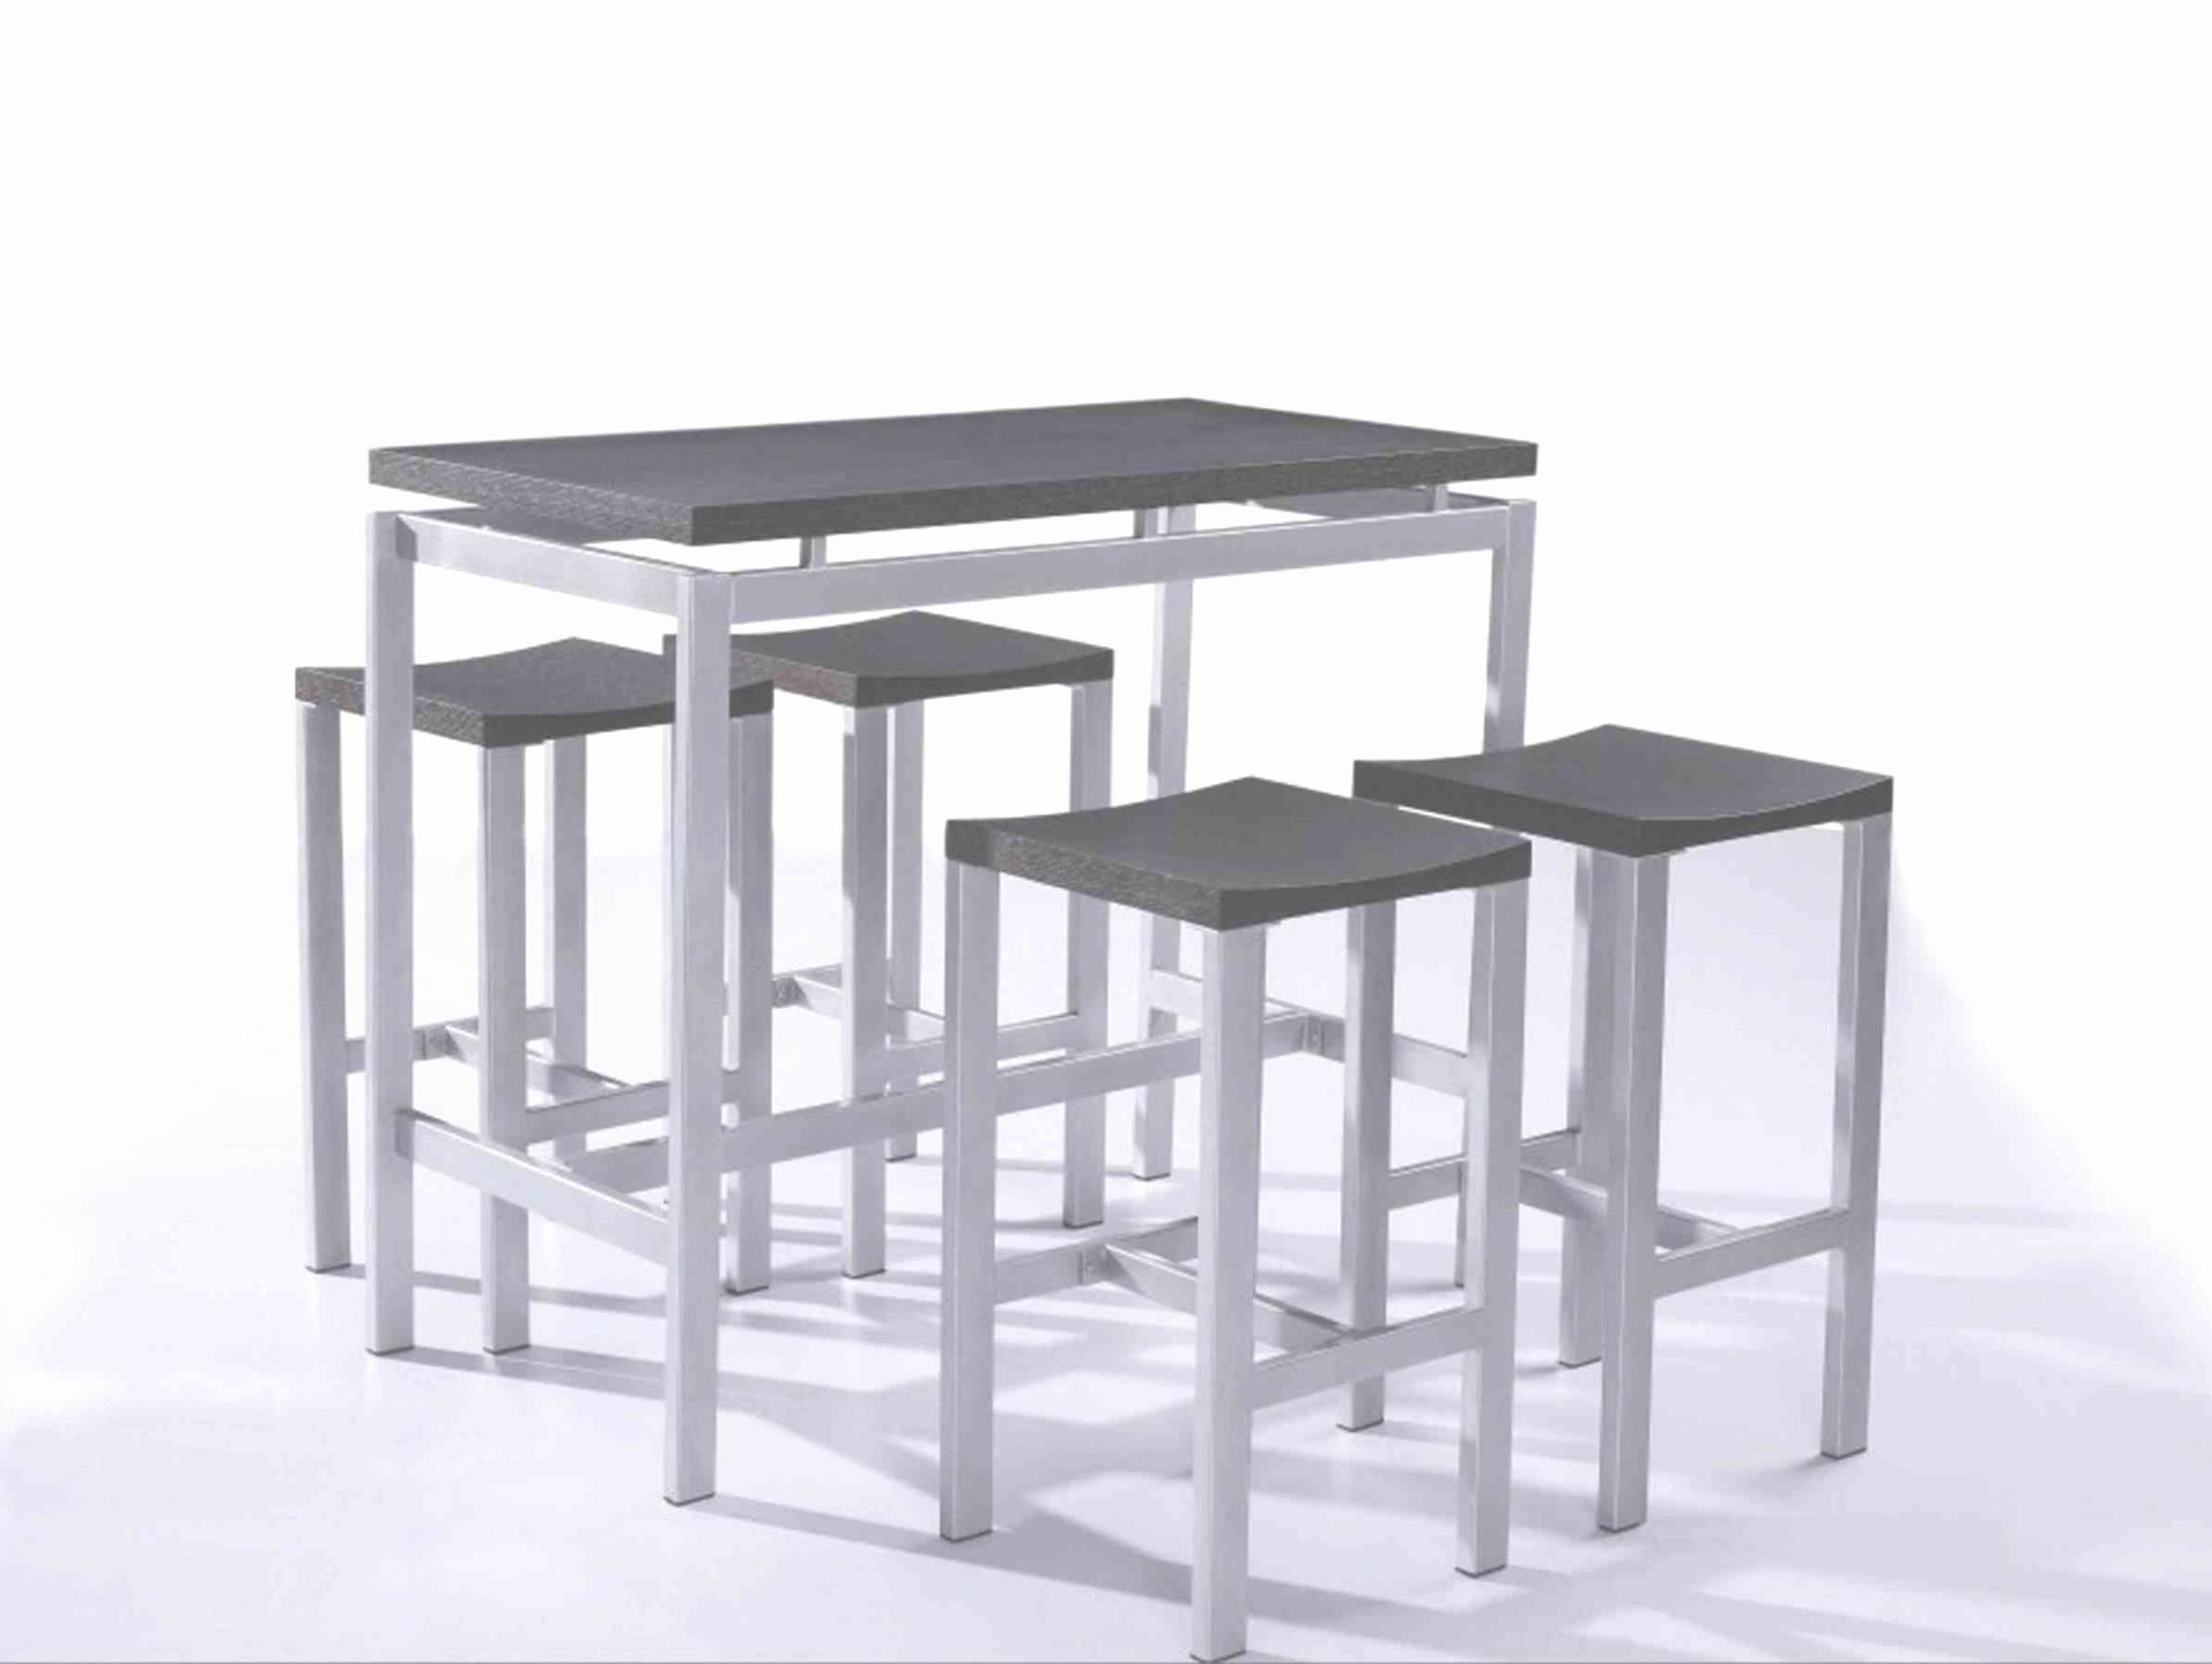 Promo Table De Jardin Luxe but Table De Cuisine Luxe Table De Jardin Promo Best Ikea